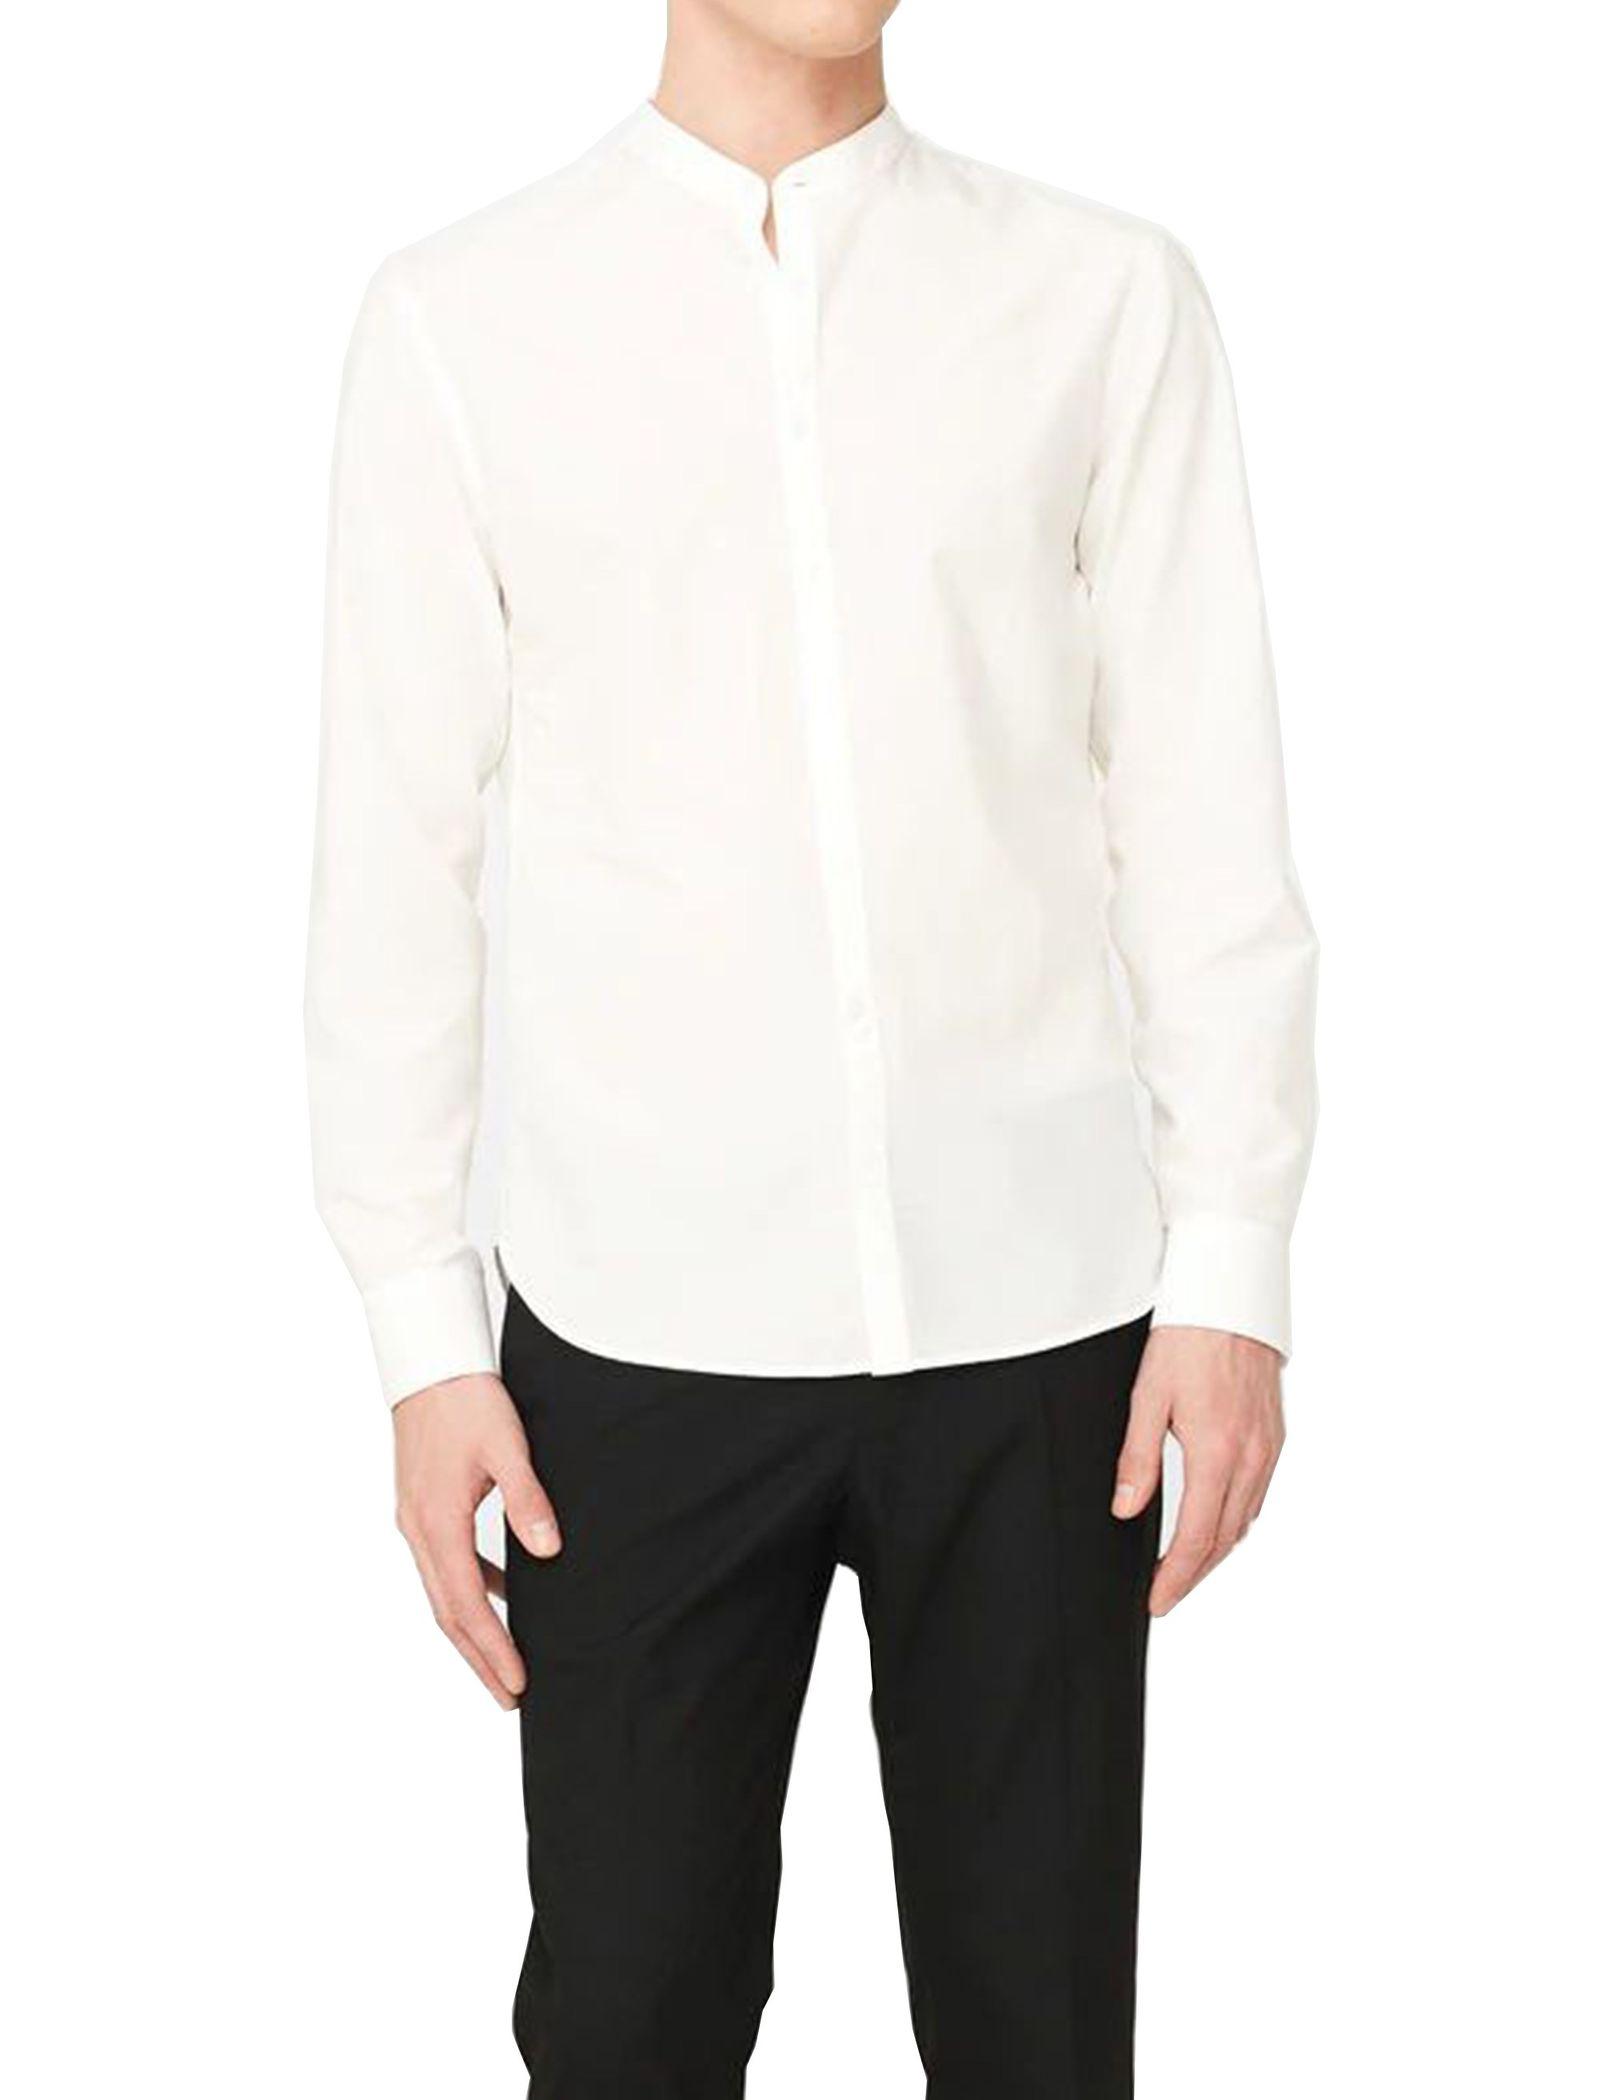 پیراهن نخی آستین بلند مردانه - مانگو - سفيد - 1